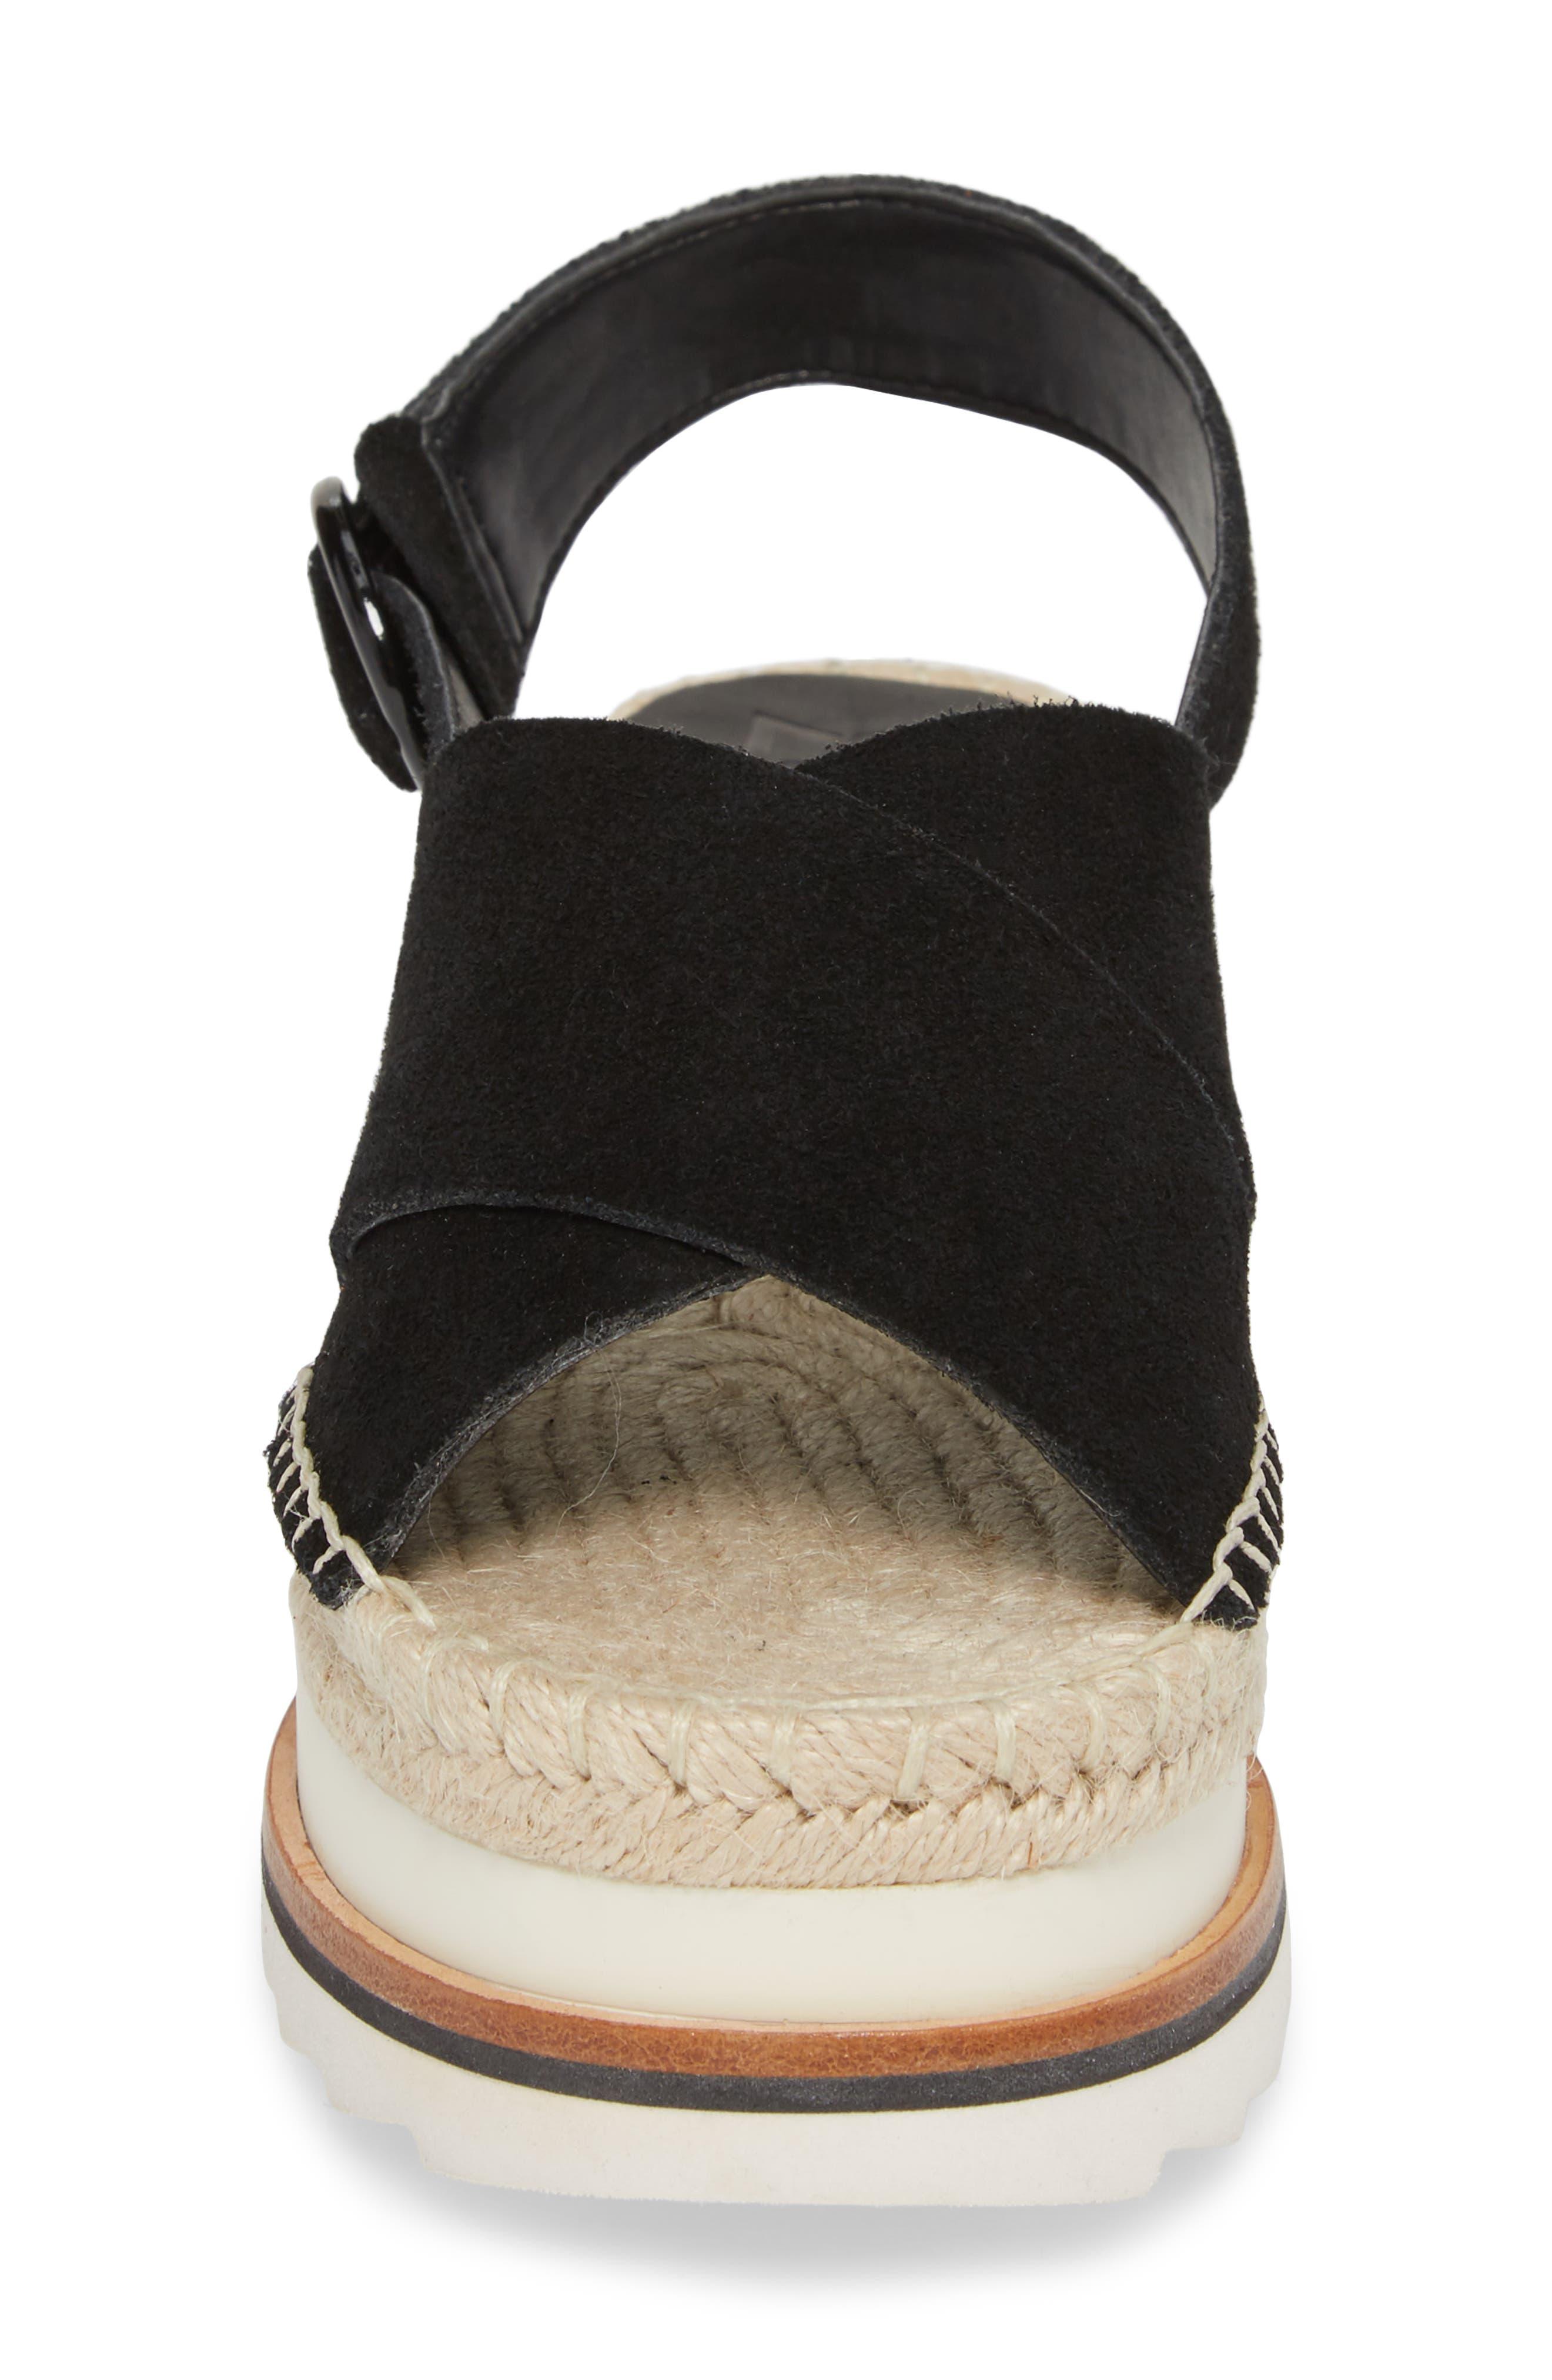 Glenna Platform Slingback Sandal,                             Alternate thumbnail 4, color,                             BLACK SUEDE